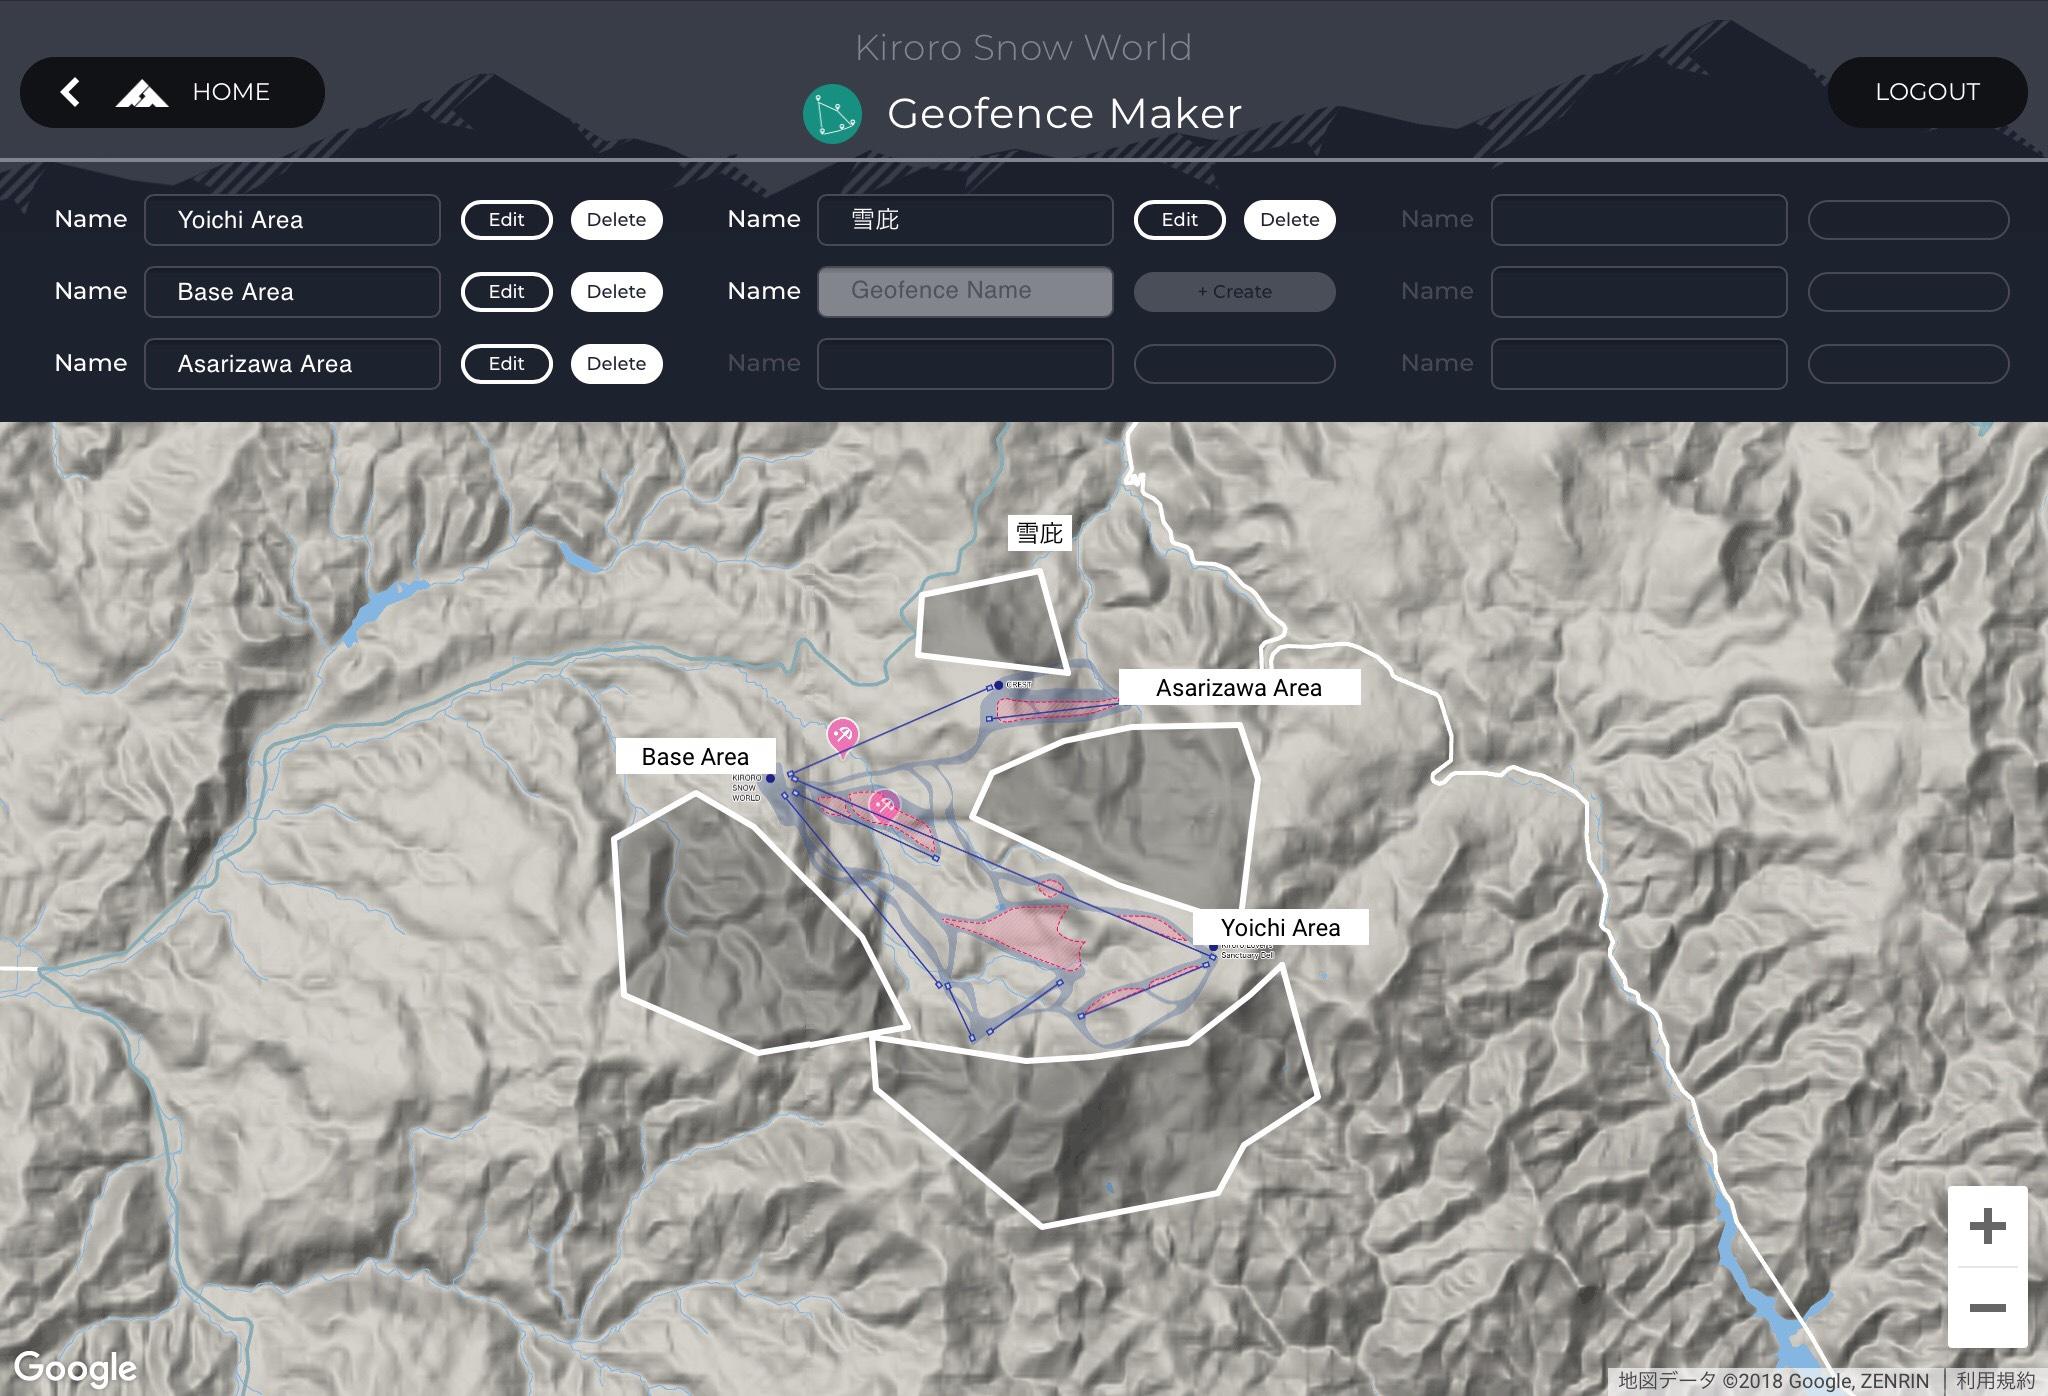 「Geofence Maker」の管理画面。白線で囲まれた部分がジオフェンスのエリア